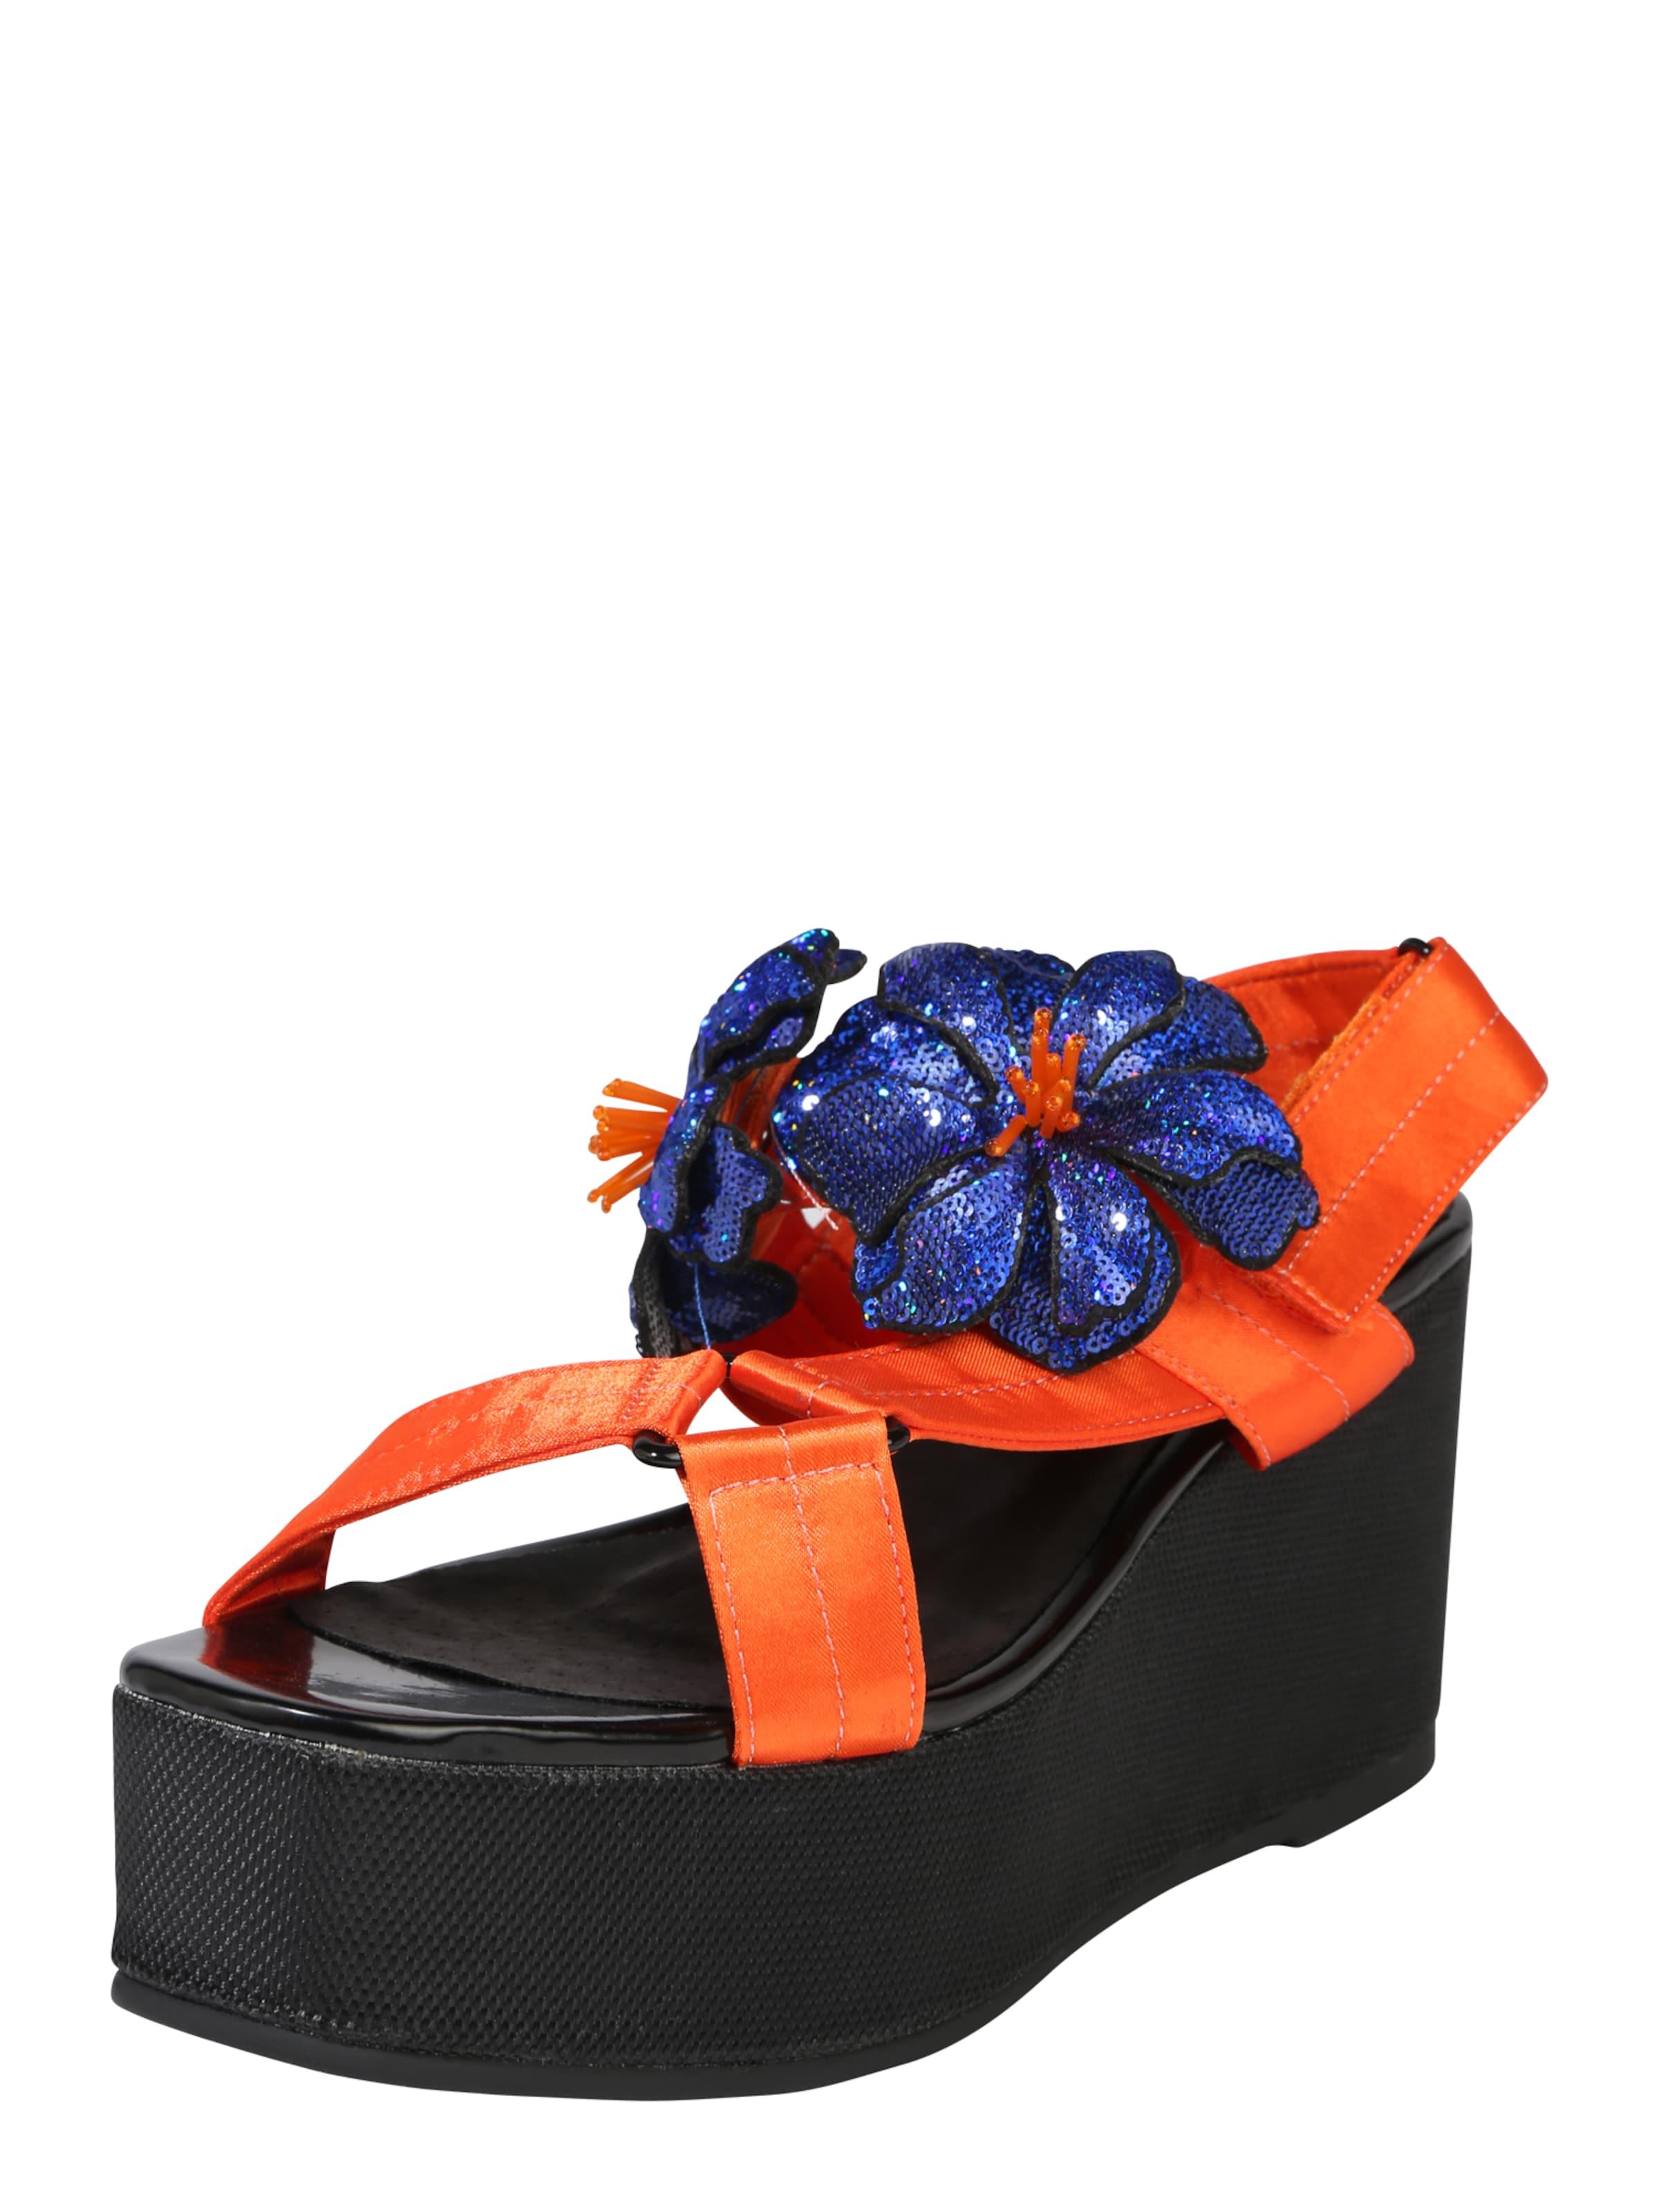 Sixtyseven Plateau-Sandalette Take Verschleißfeste billige Schuhe